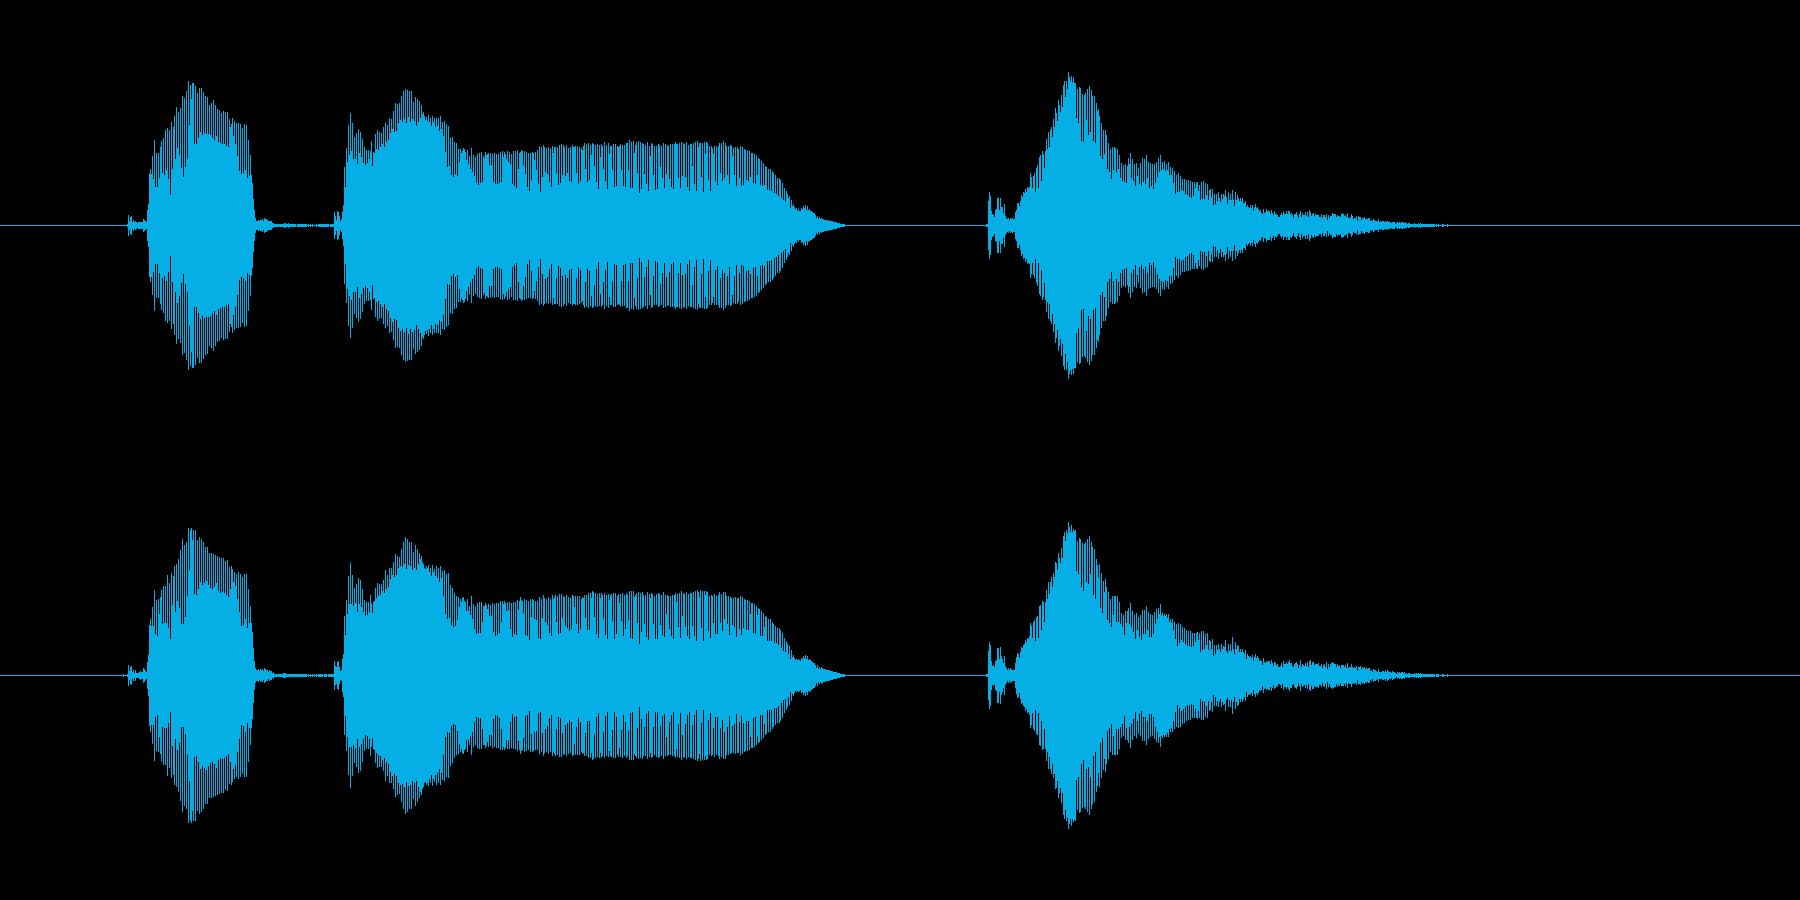 アターック! の再生済みの波形